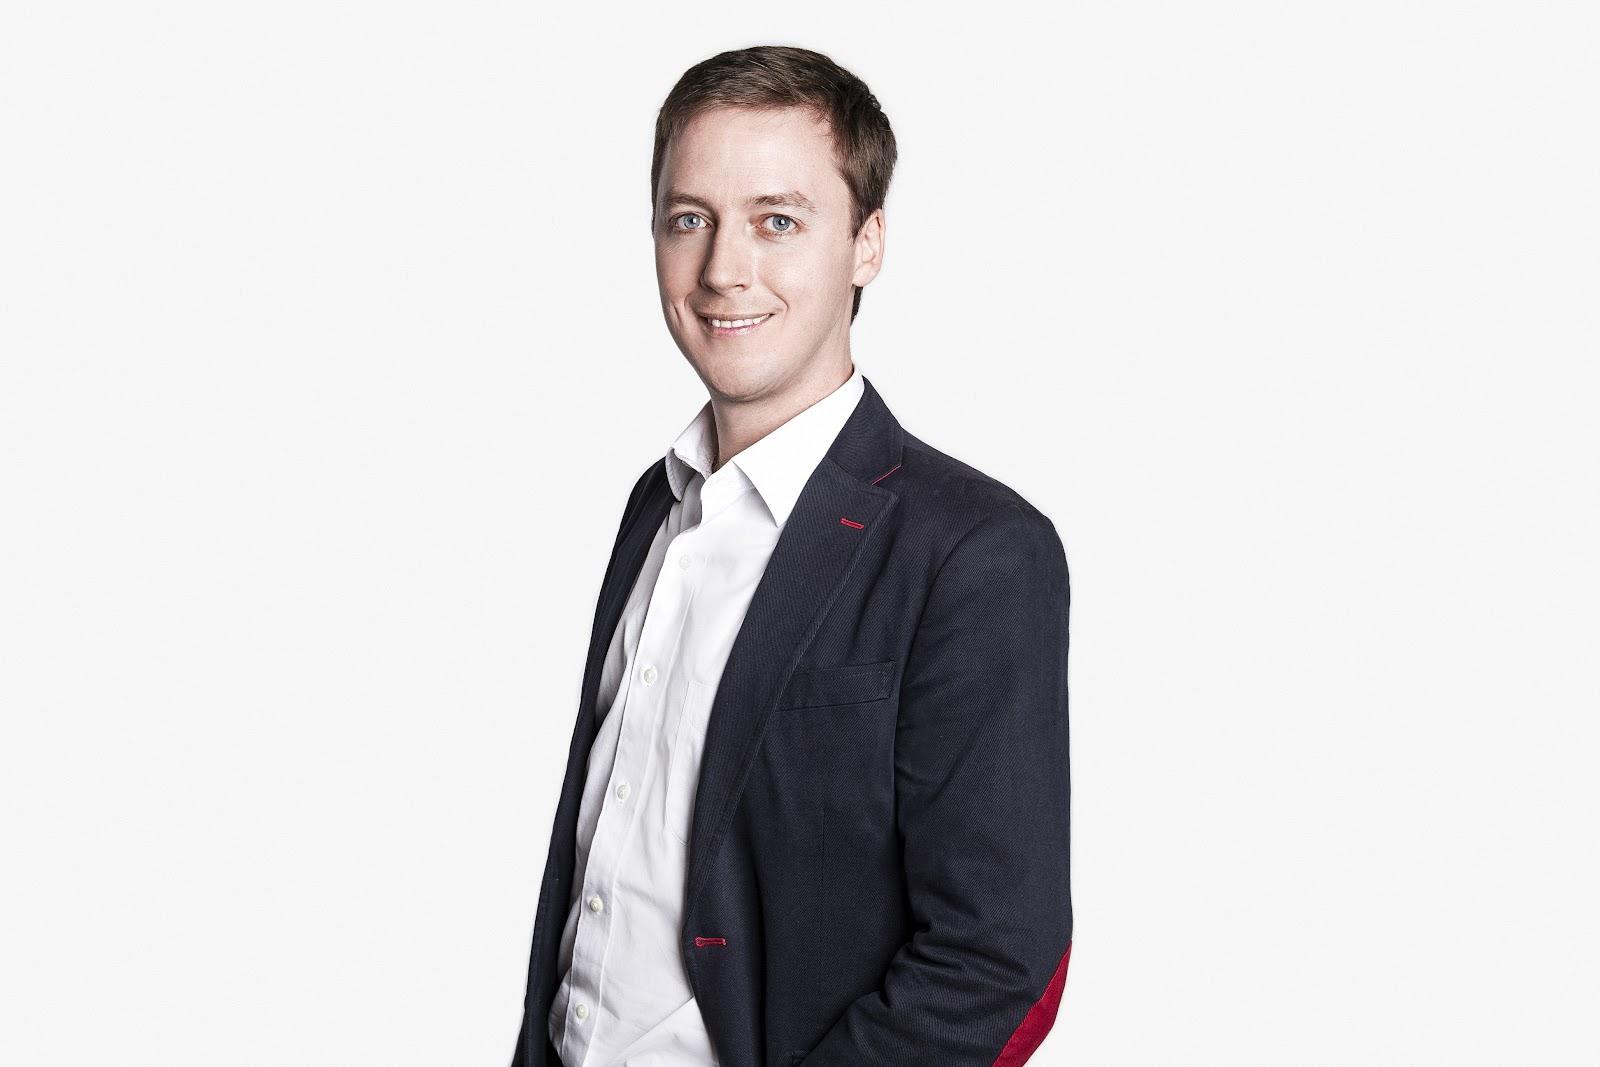 Fanatiz CEO and co-founder Matias Rivera